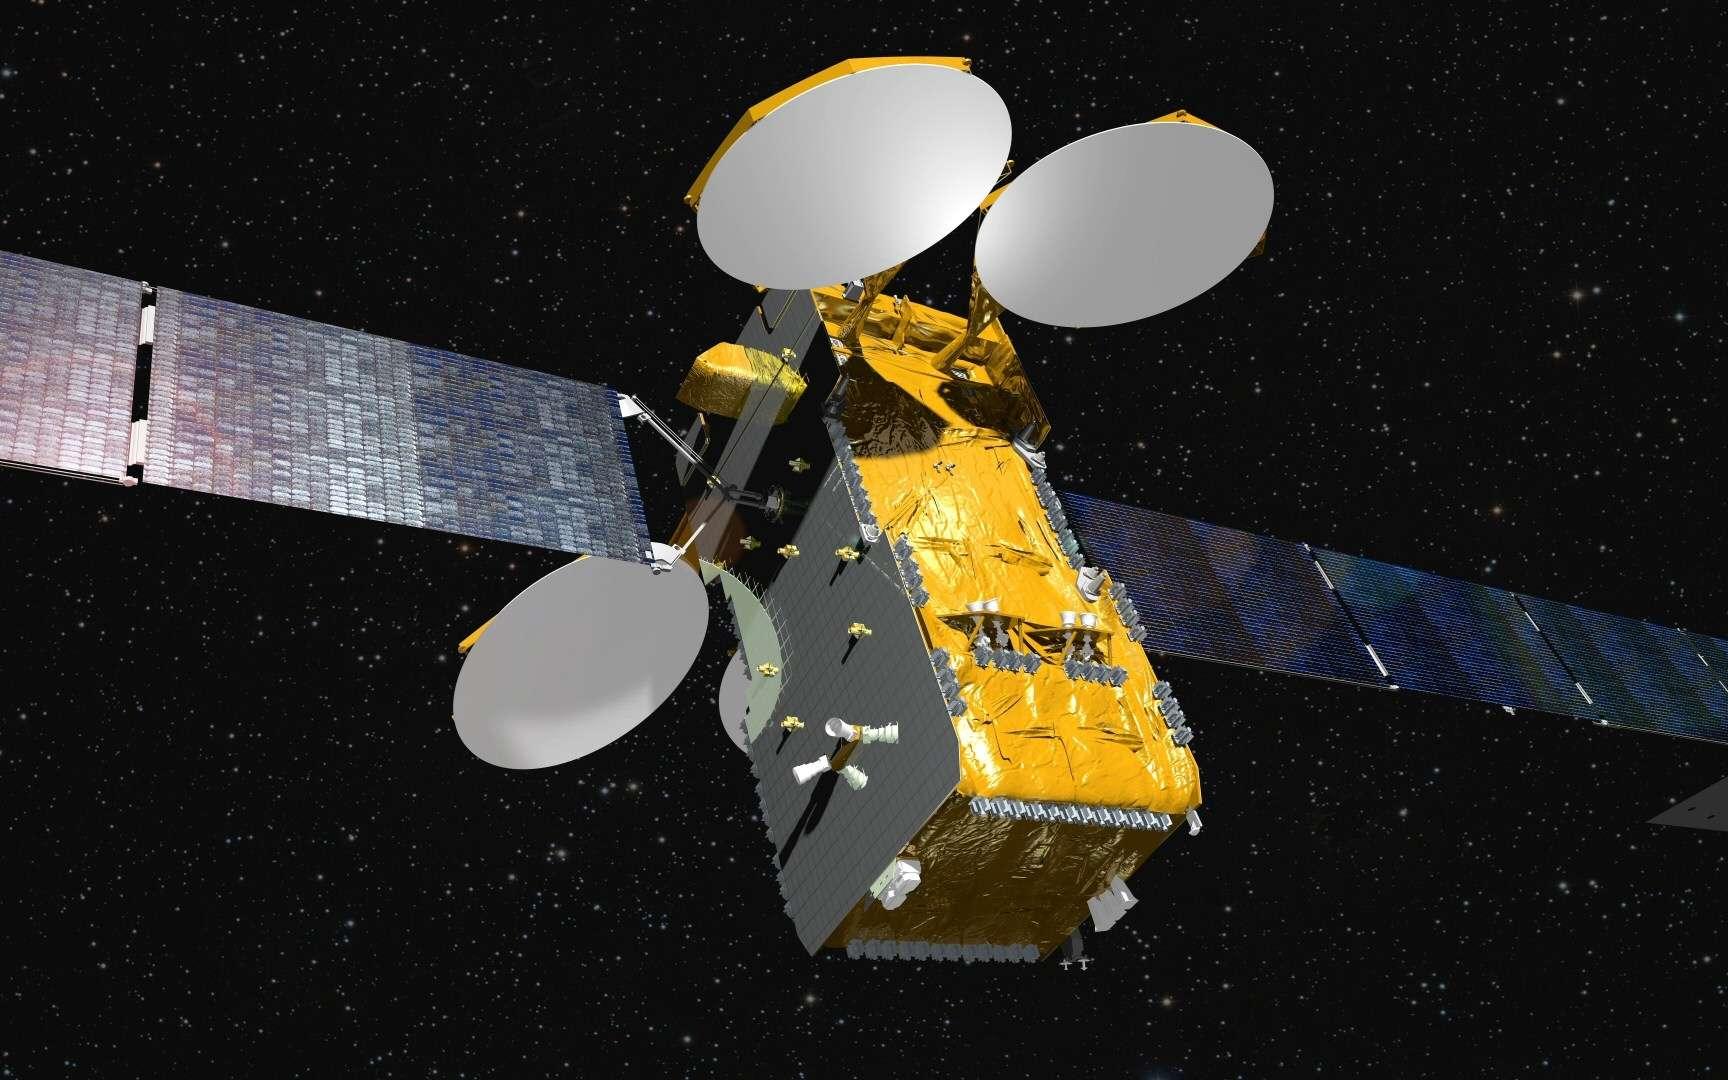 Le lancement de DirecTV-15 survient quarante ans après la construction d'OTS, le premier satellite de télécommunications d'Airbus Defence and Space. © Airbus Defence and Space